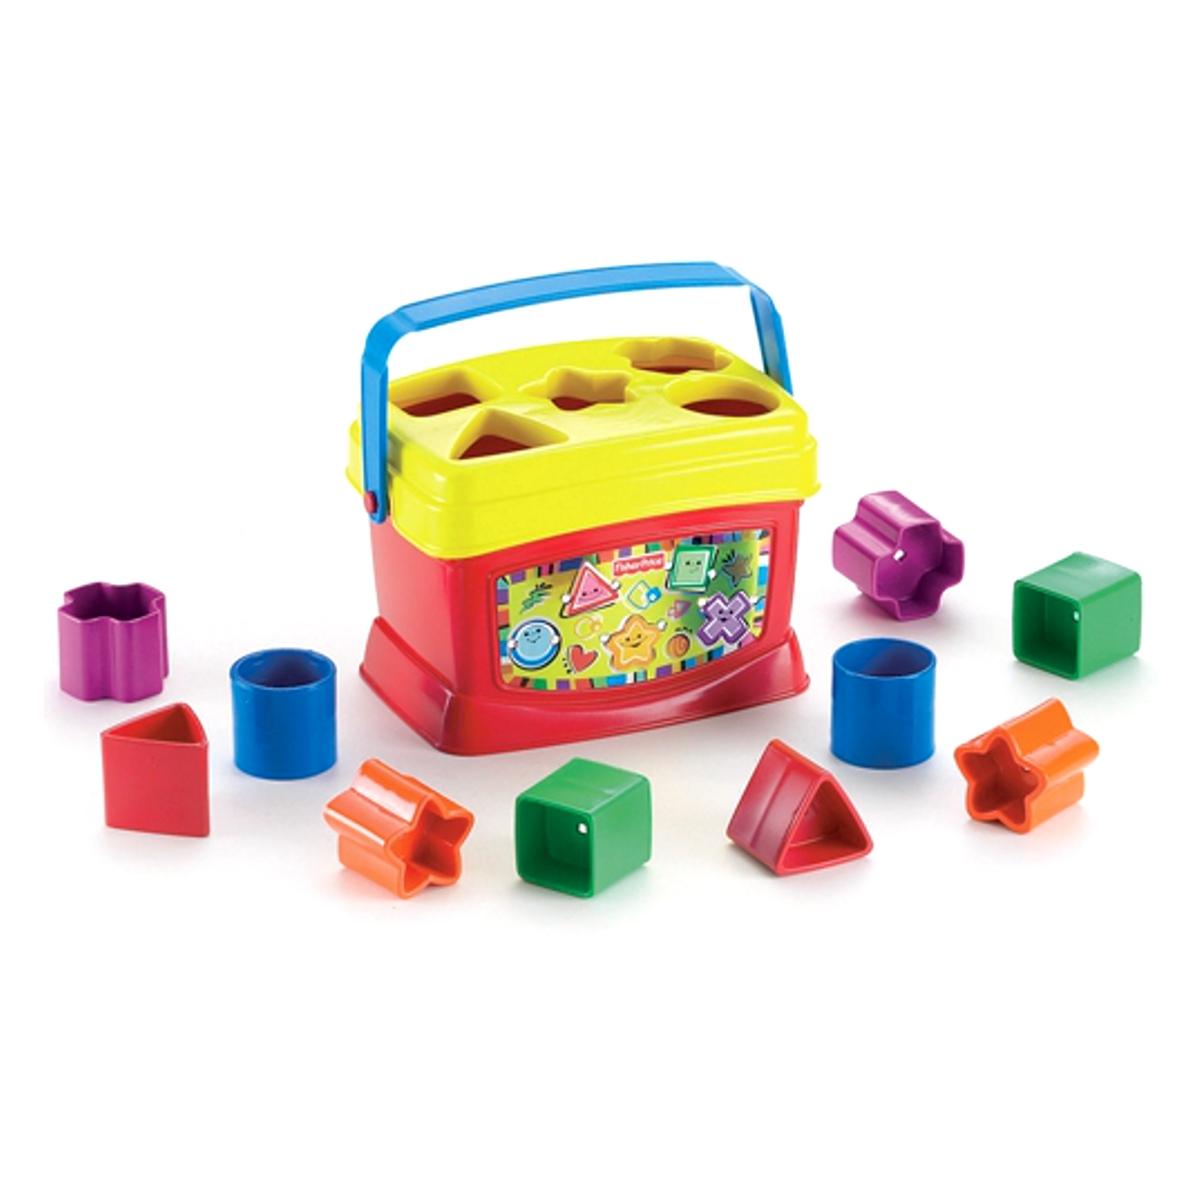 Кубики Fisher Price Первые кубики малыша<br>